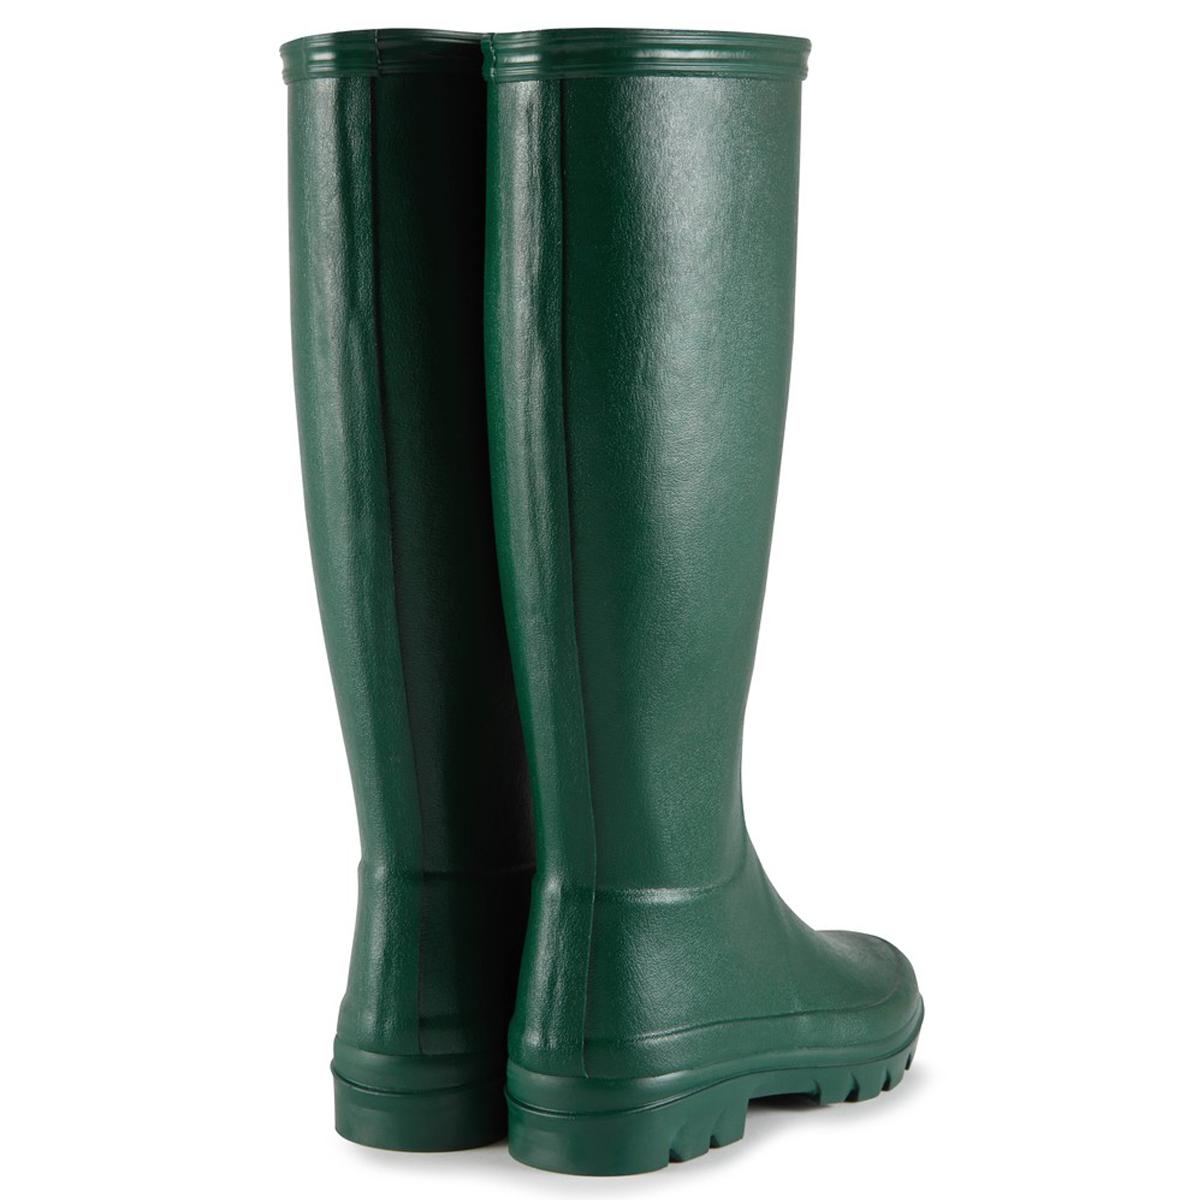 Le Chameau Women's Iris Jersey Lined Wellington Boots – Vert Foncé